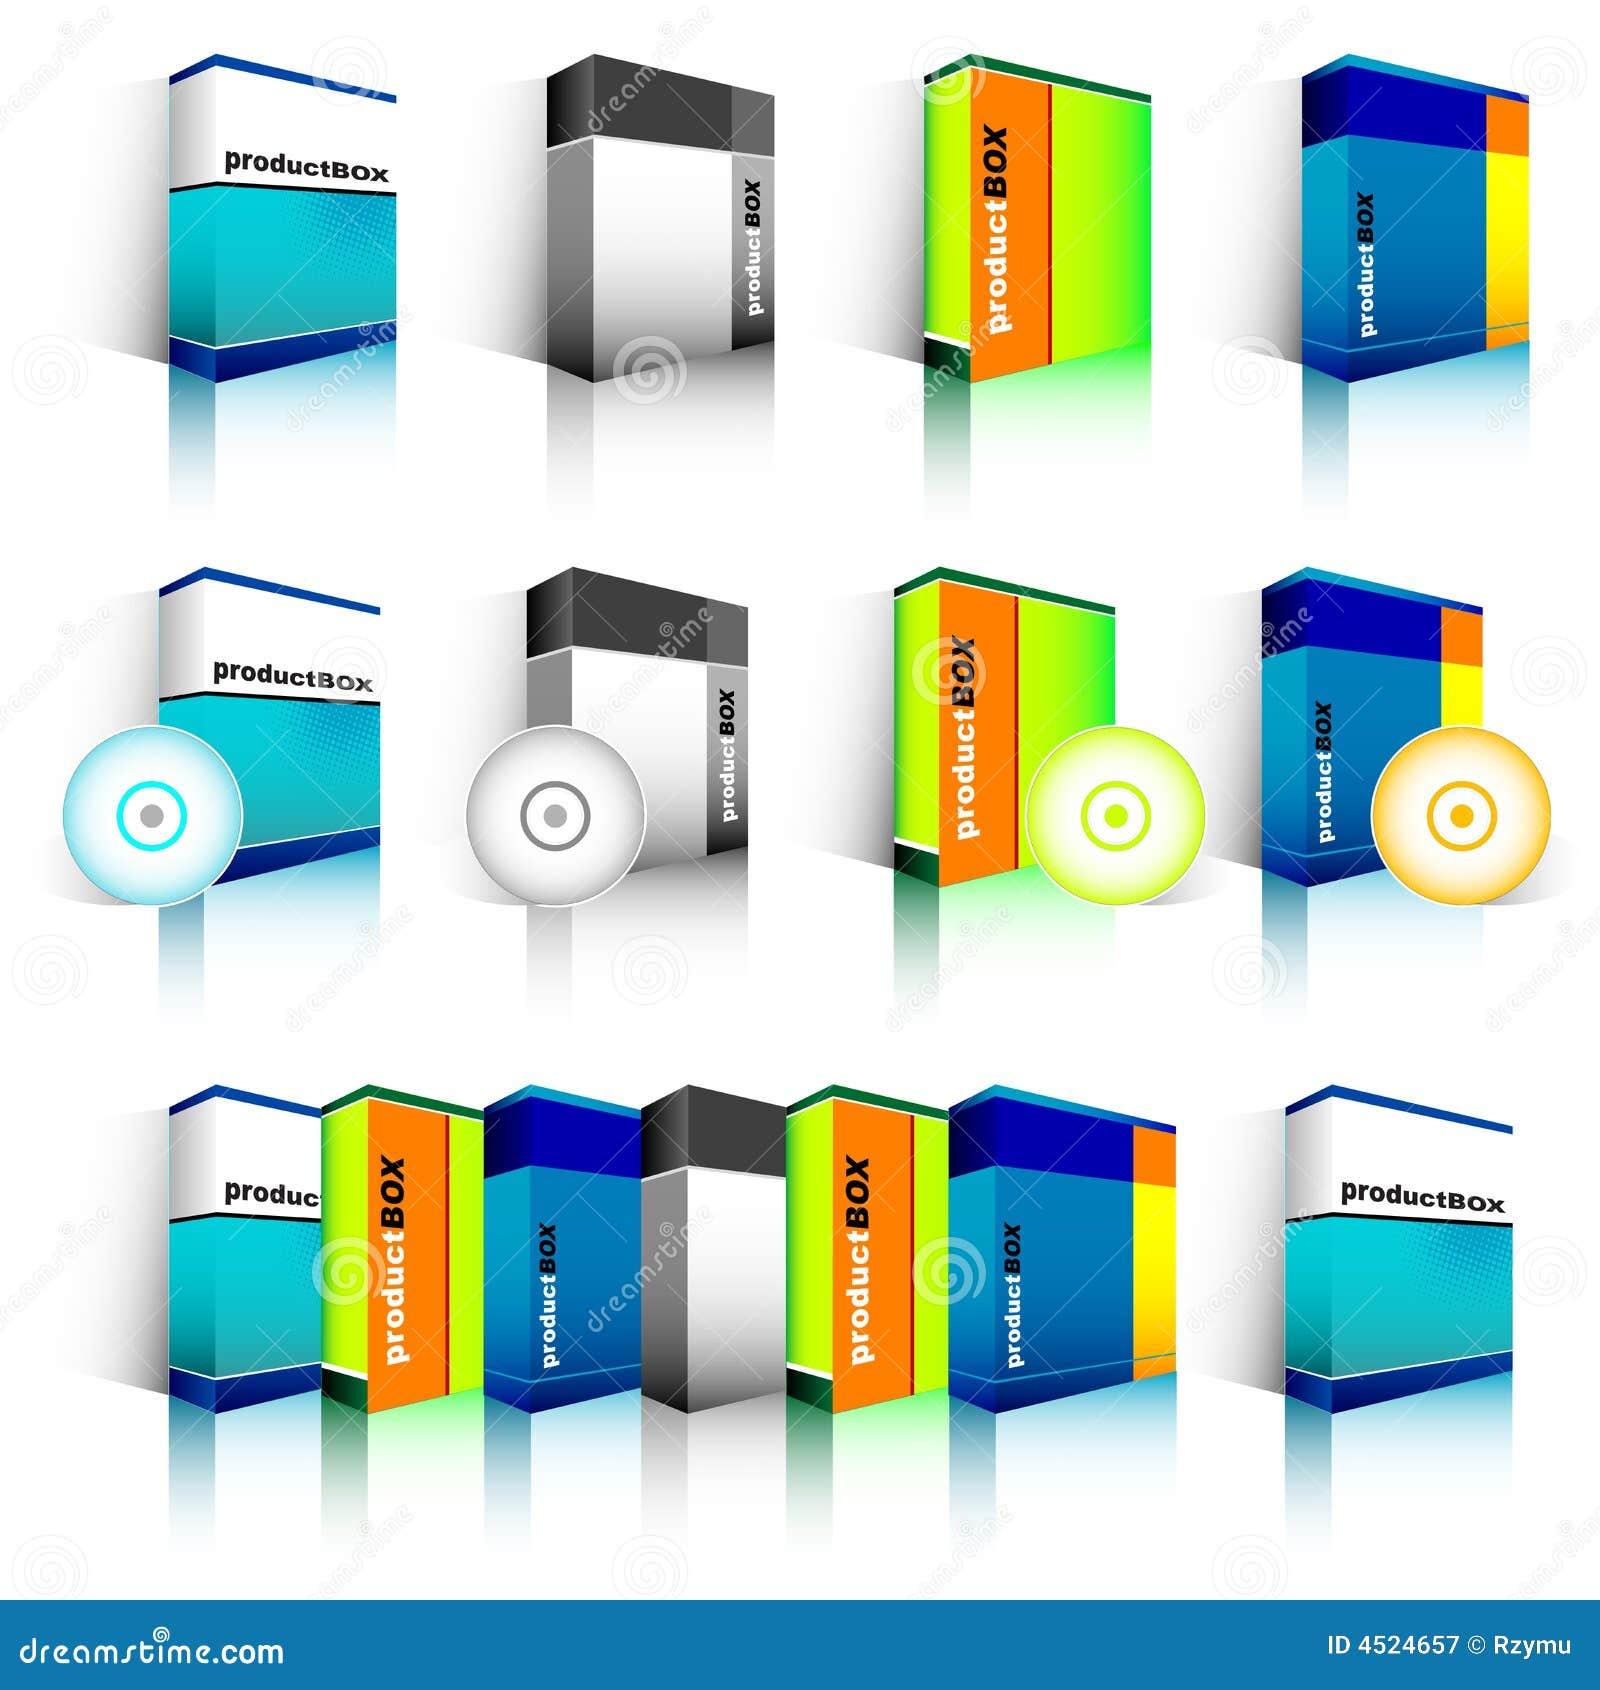 Caixa do software